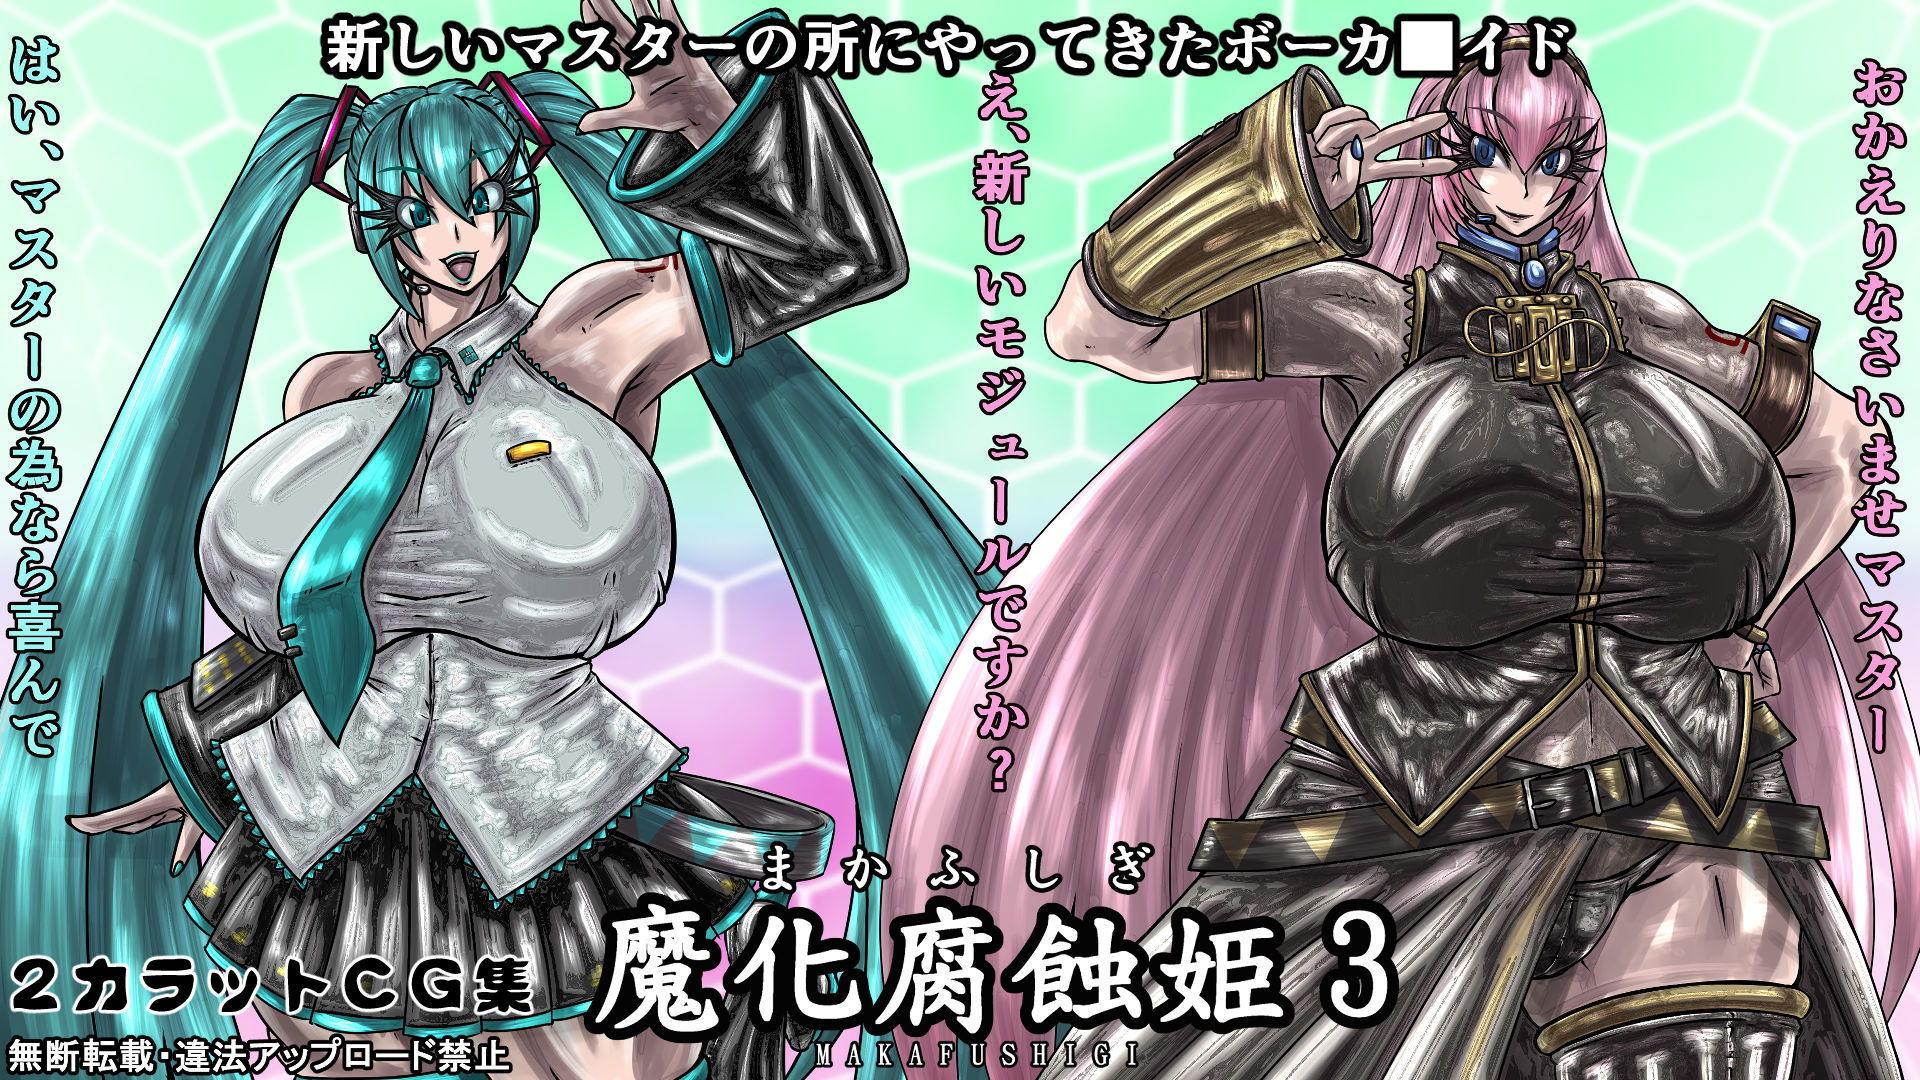 【初音ミク 同人】魔化腐蝕姫3